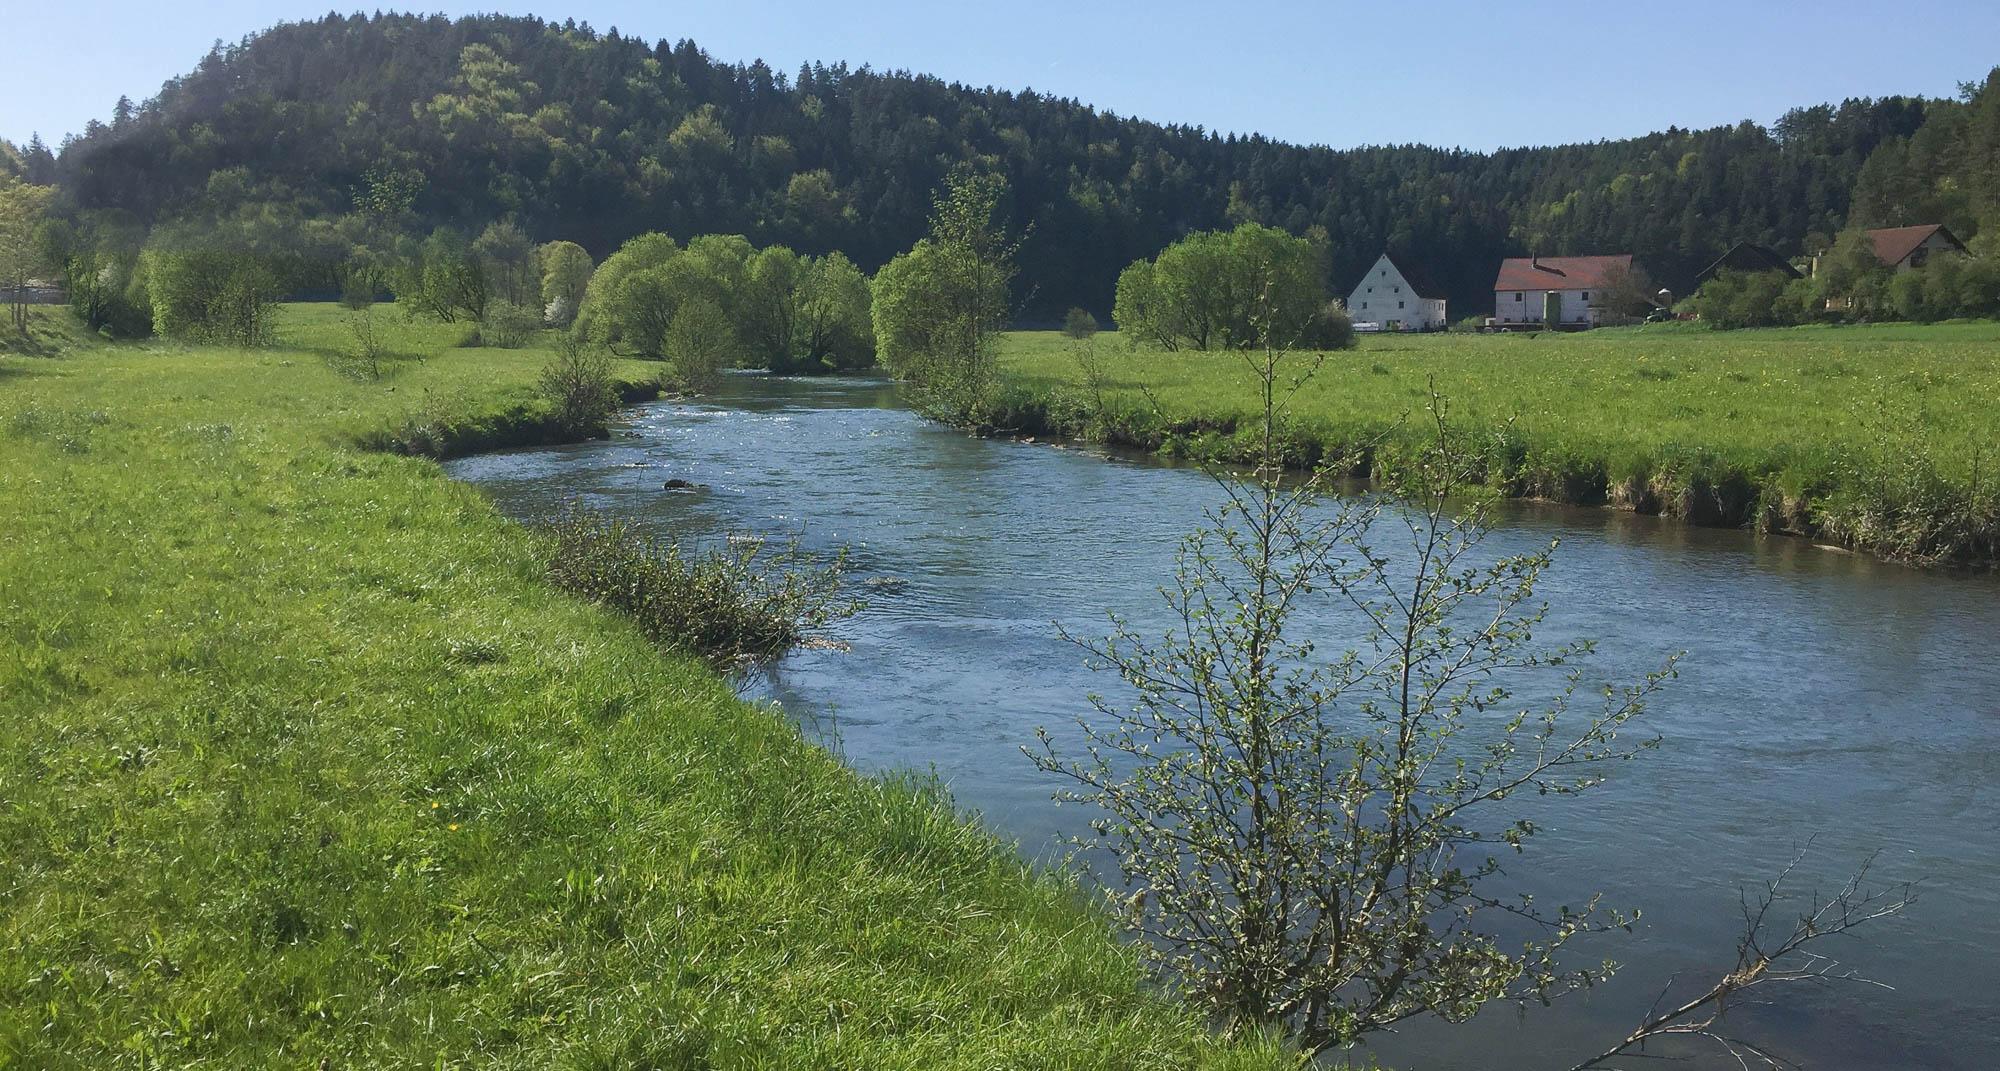 Fliegenfischen-Kurs in Waischenfeld